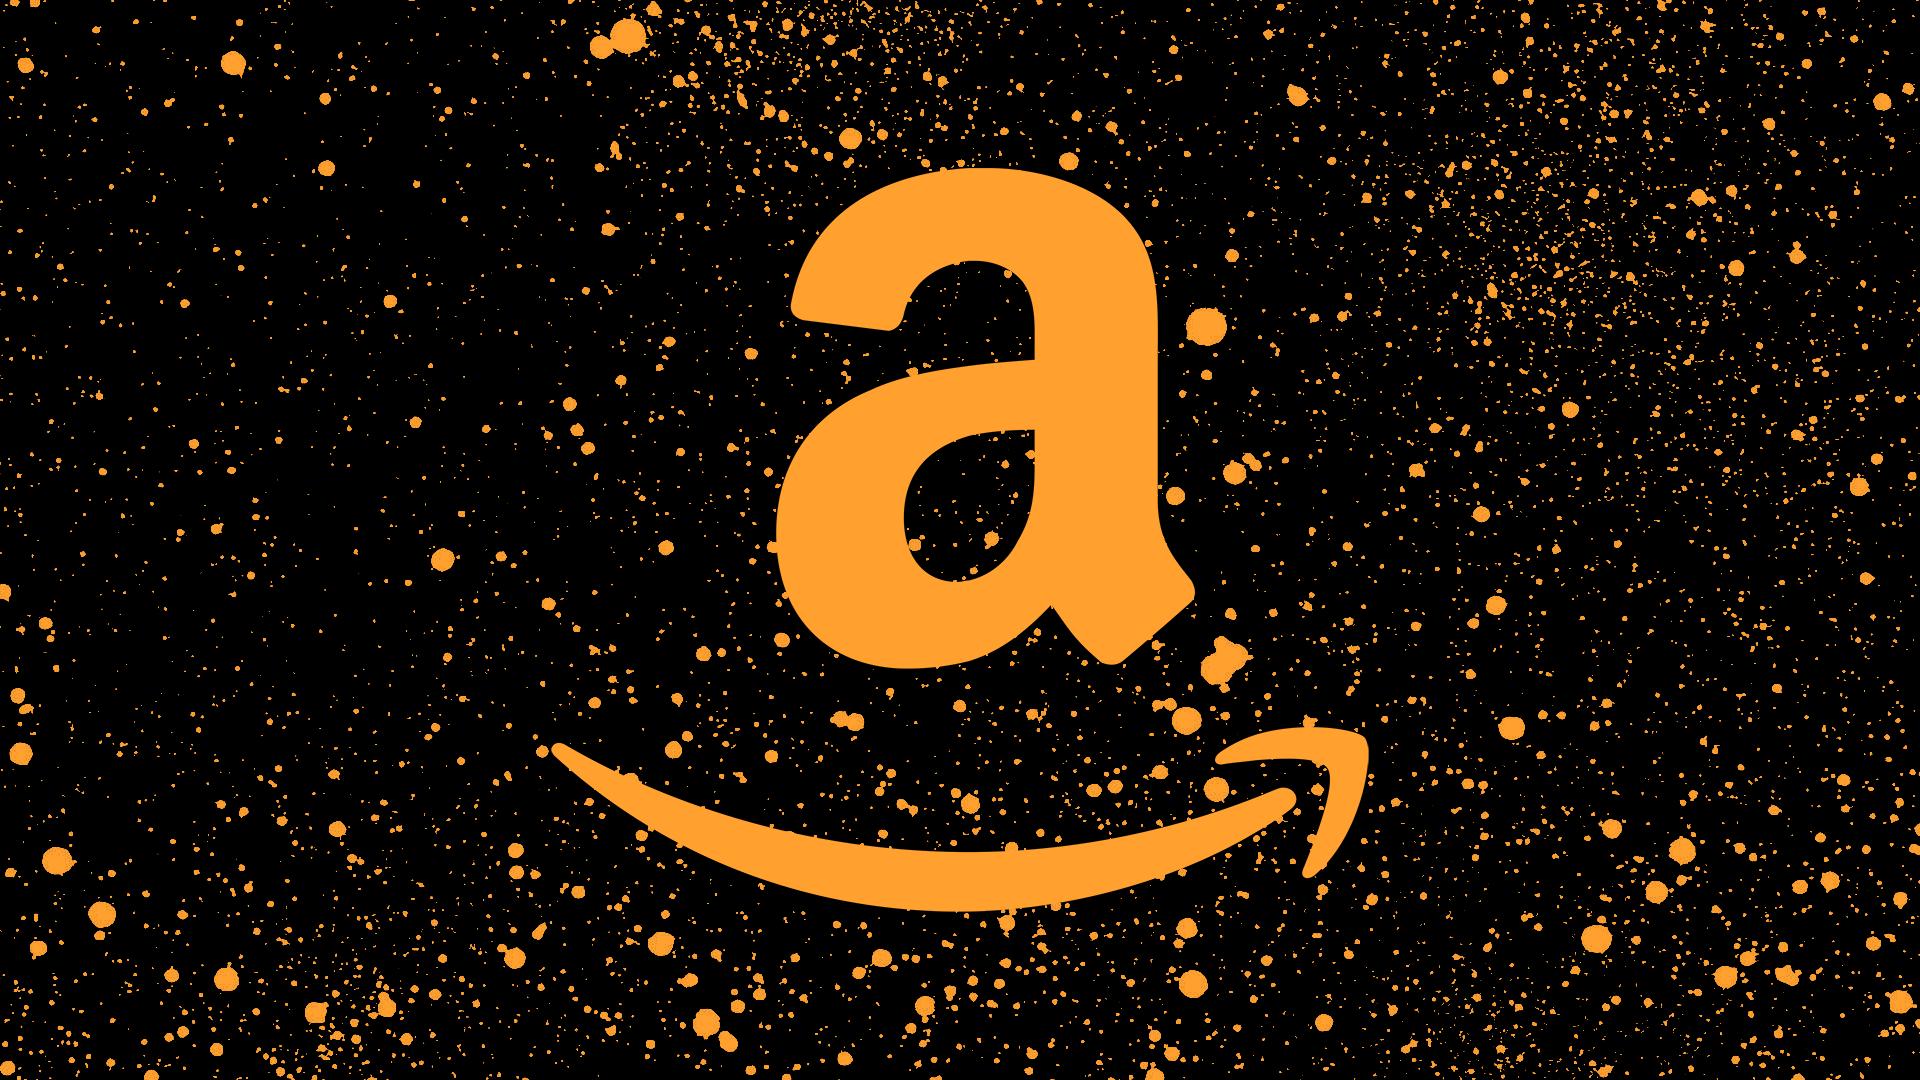 Gigantul e-commerce Amazon renunta la practici prin care si-ar fi sufocat concurentii mai mici din Europa, pe piata e-books